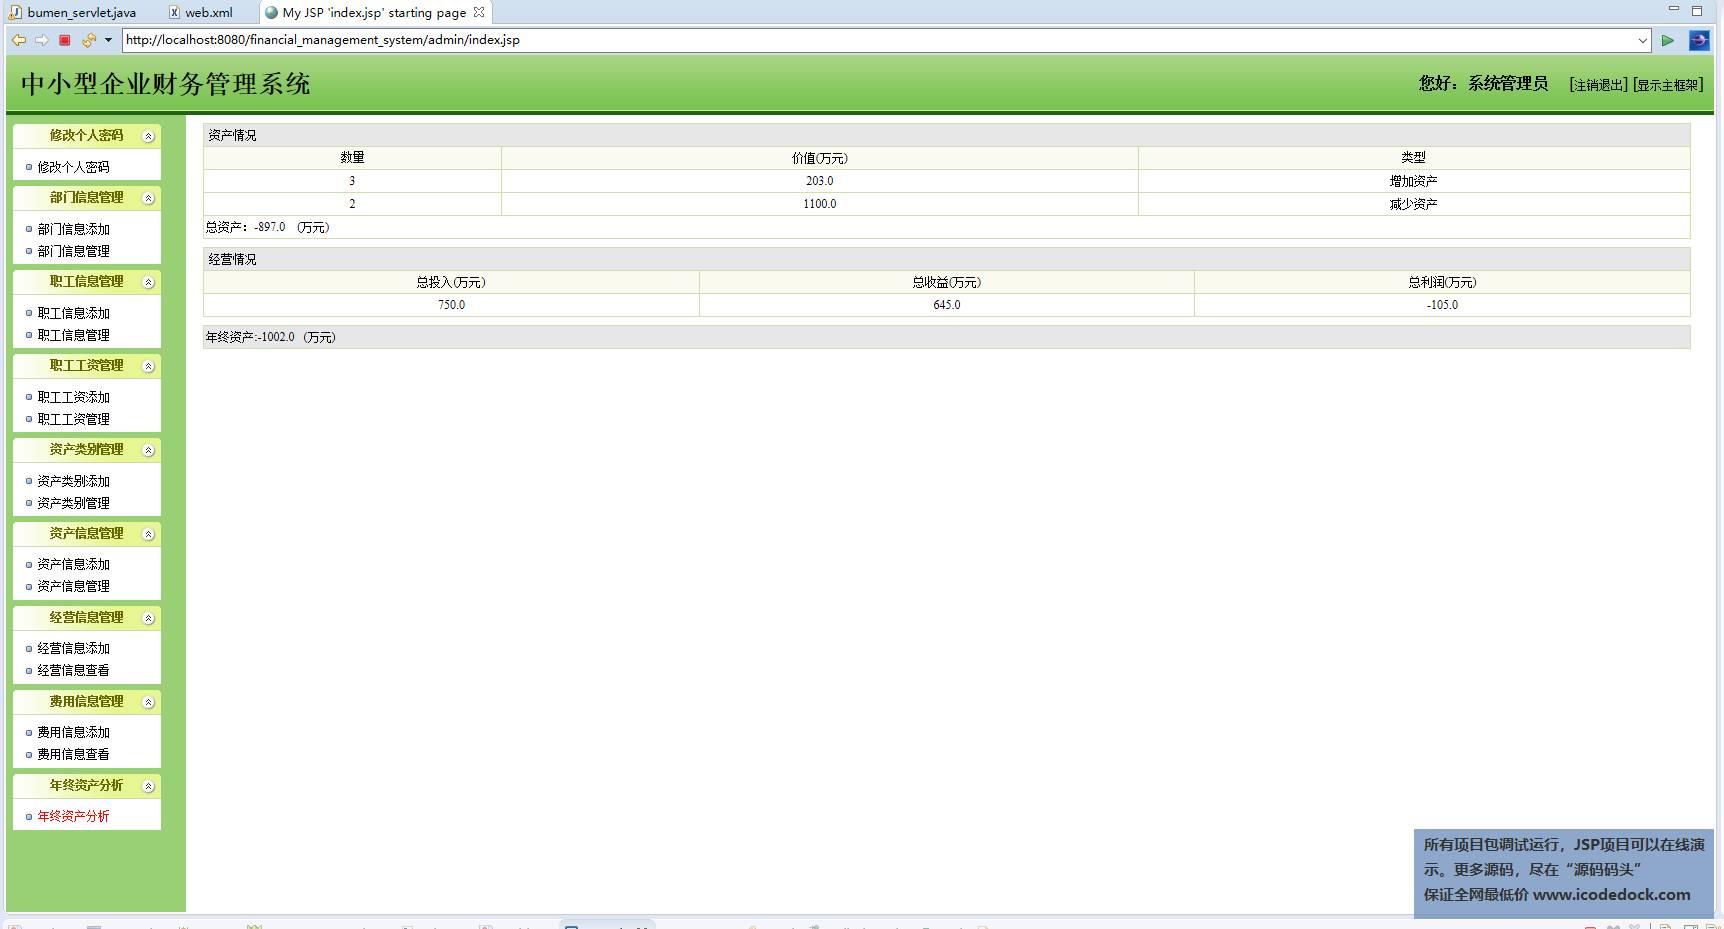 源码码头-JSP企业财务管理系统-管理员角色-资产分析